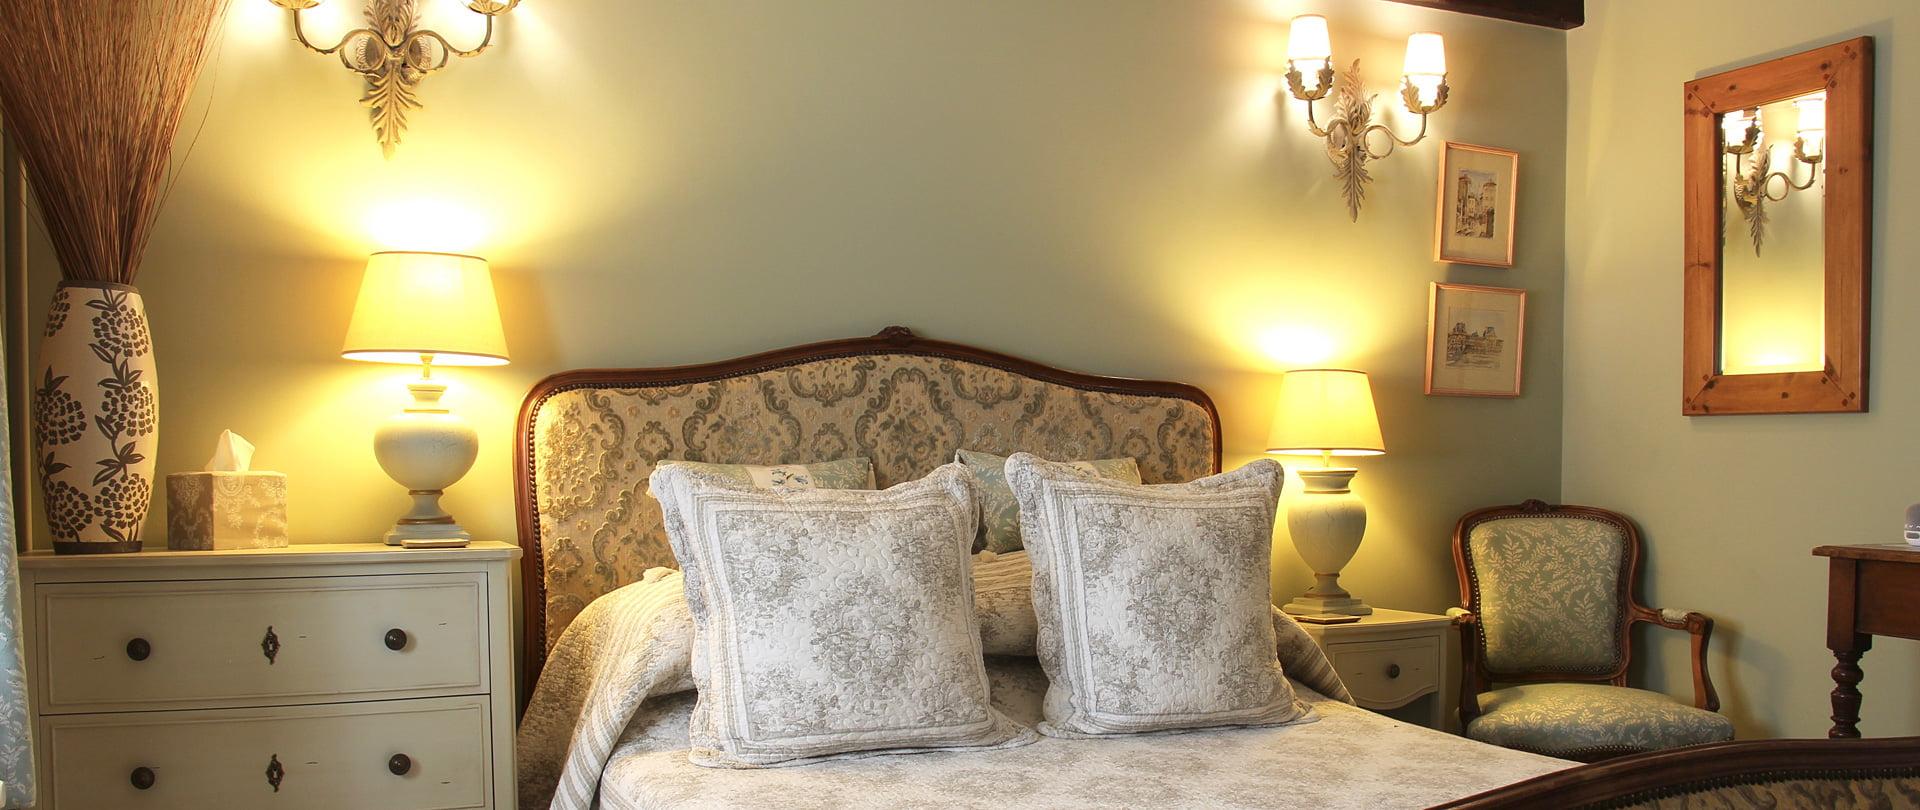 Monet Bedroom